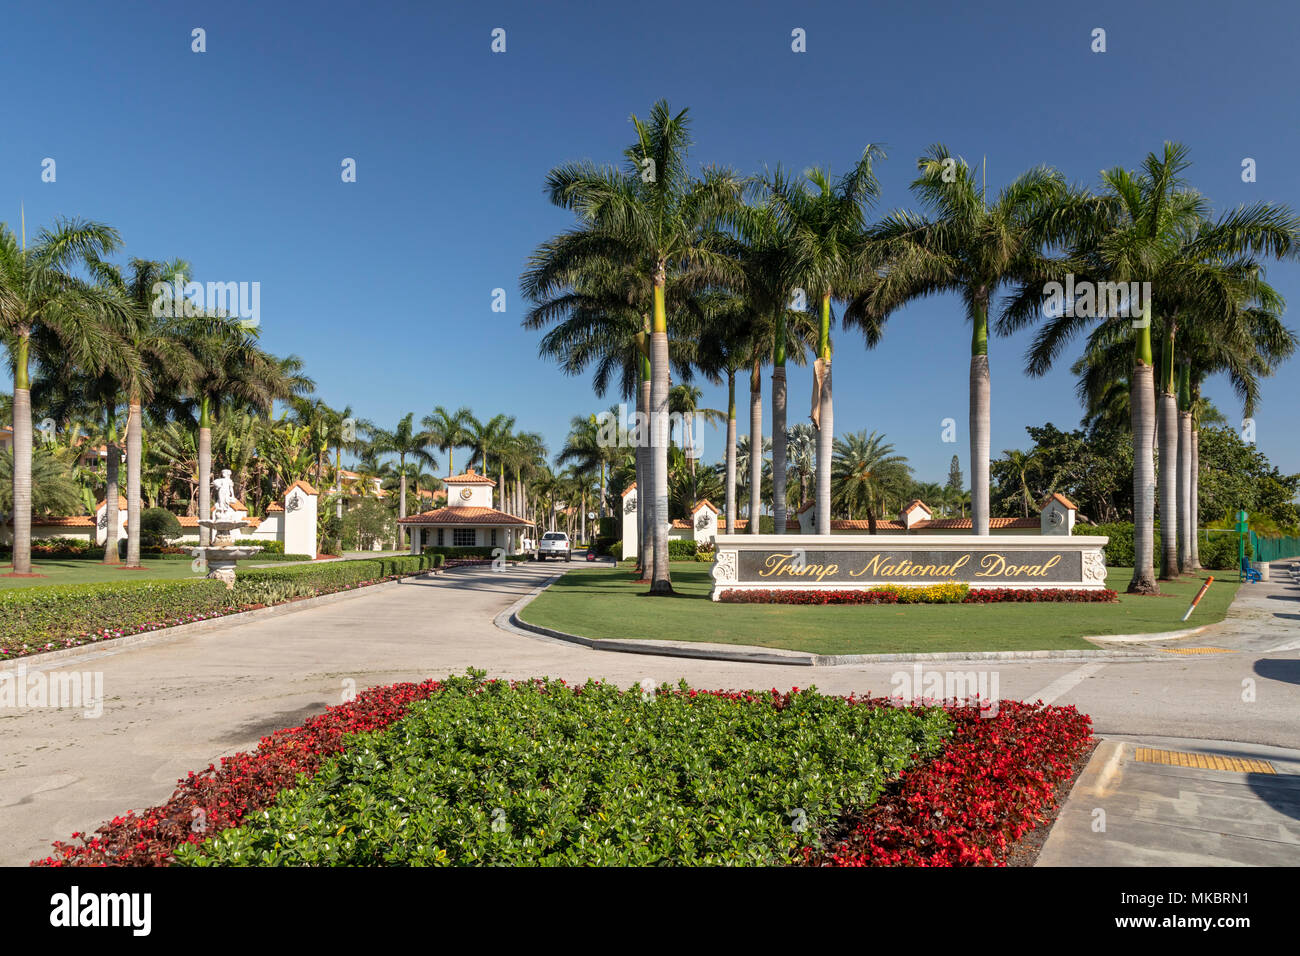 Doral, Florida - La entrada al club de golf nacional Trump Doral. El complejo incluye cuatro campos de golf y cientos de habitaciones de hotel. Foto de stock